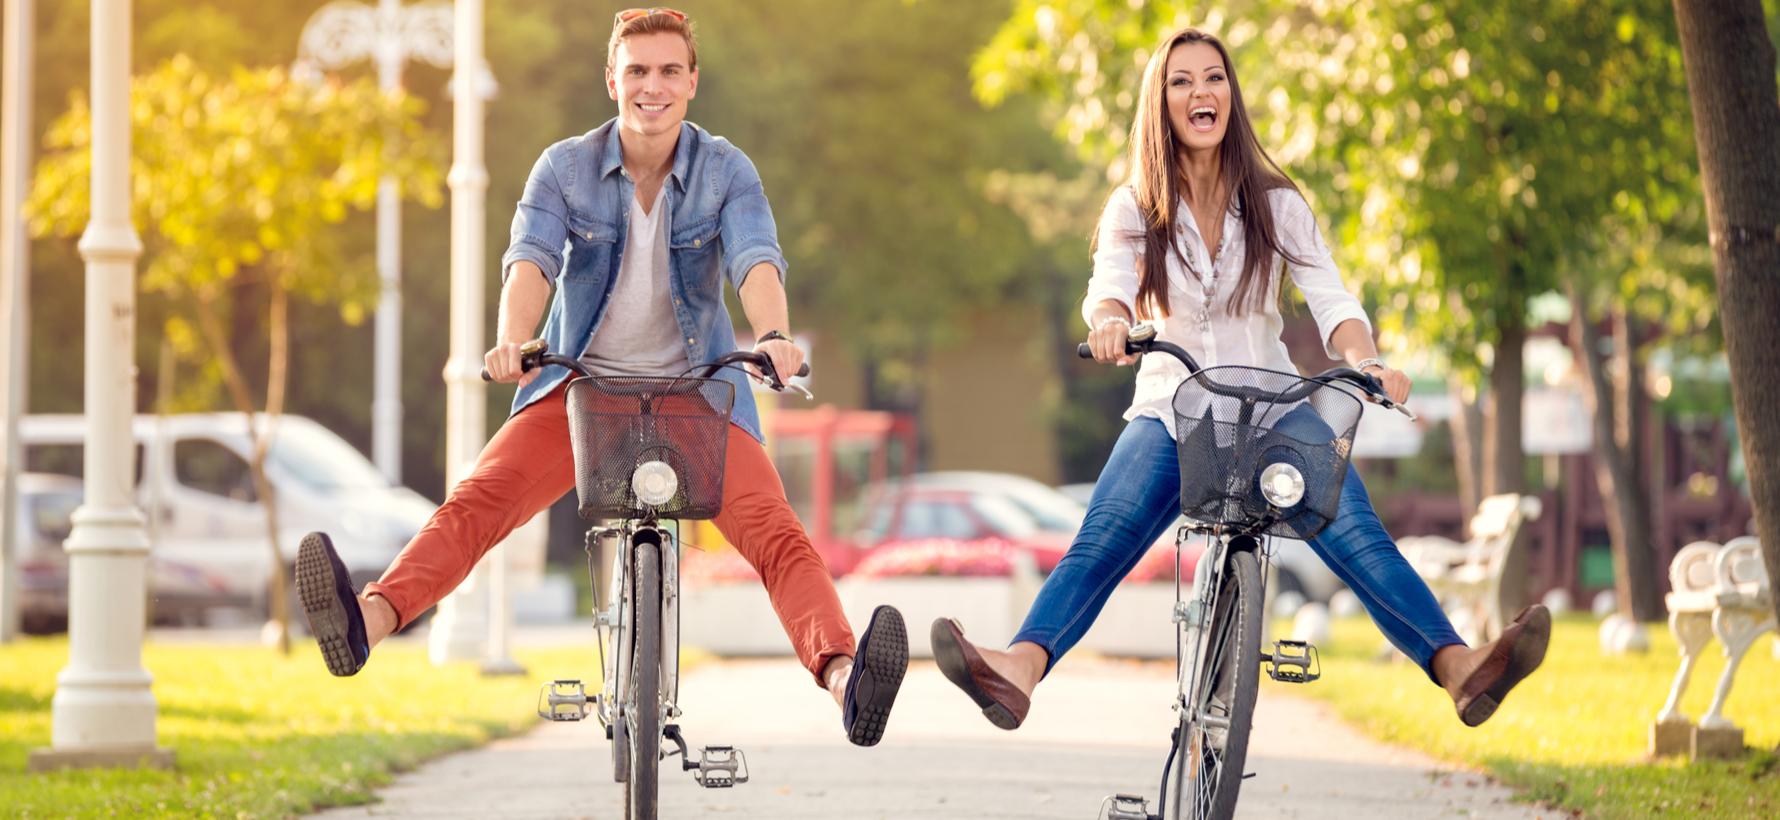 el-uso-de-la-bicicleta-es-armonico-con-el-planeta